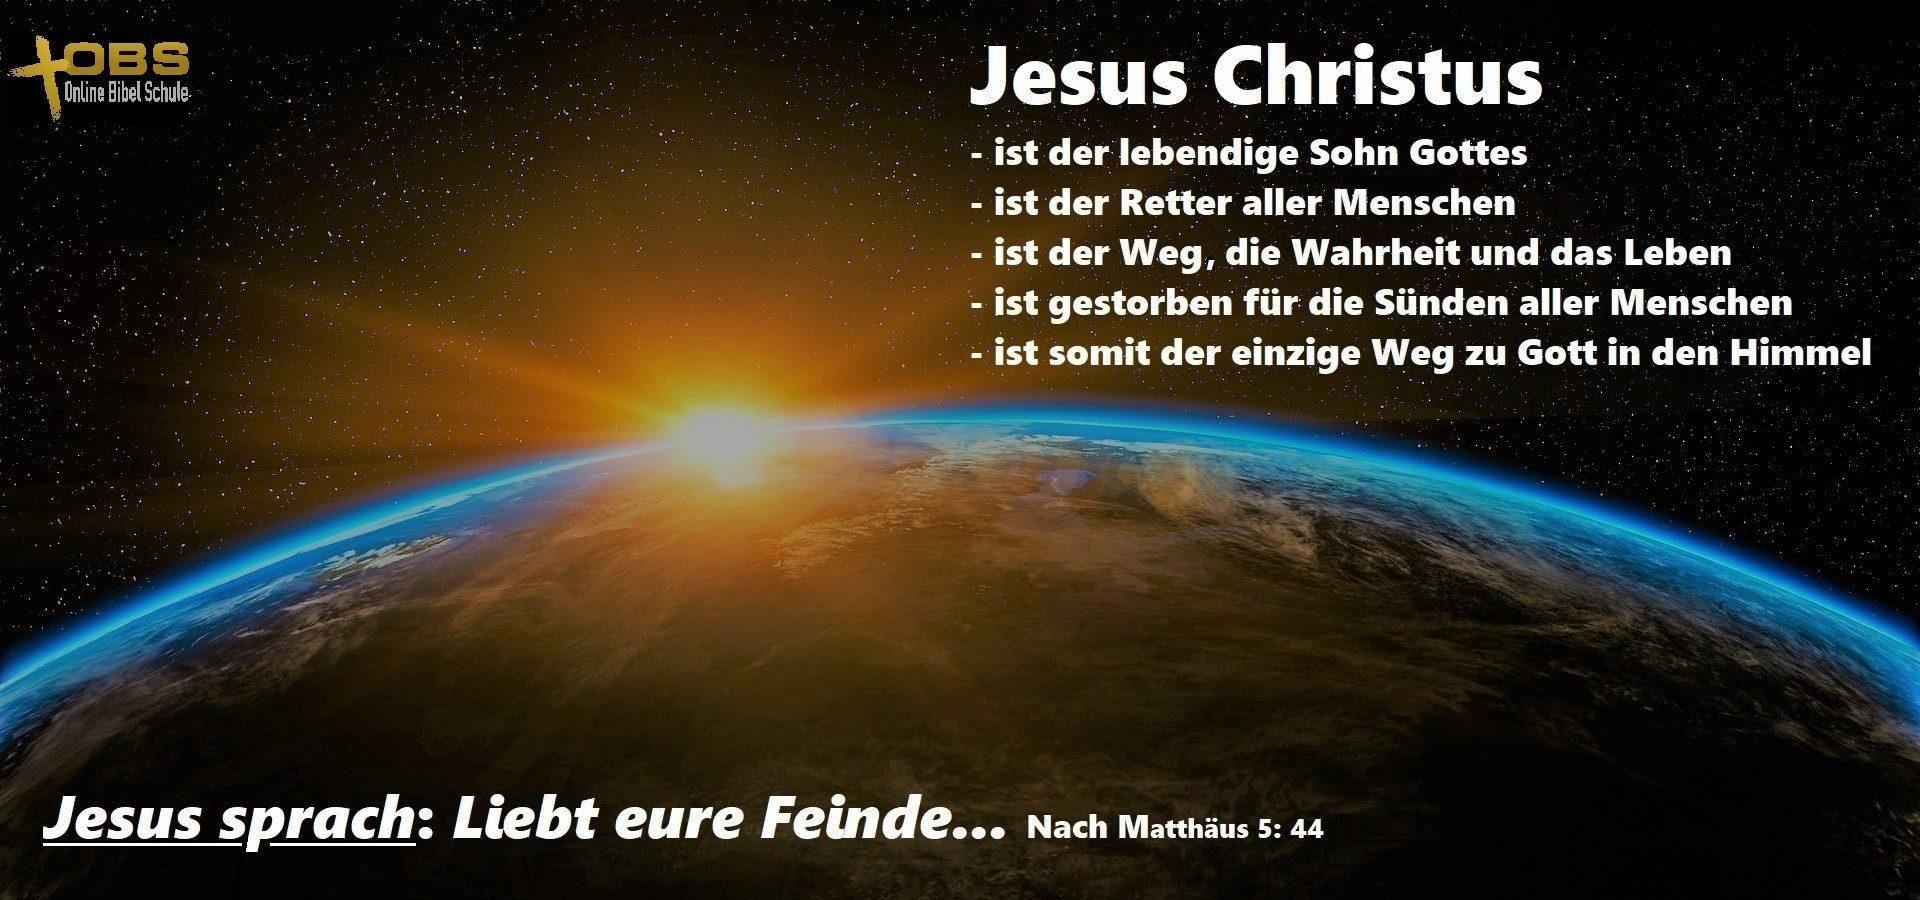 Online Bibel Schule